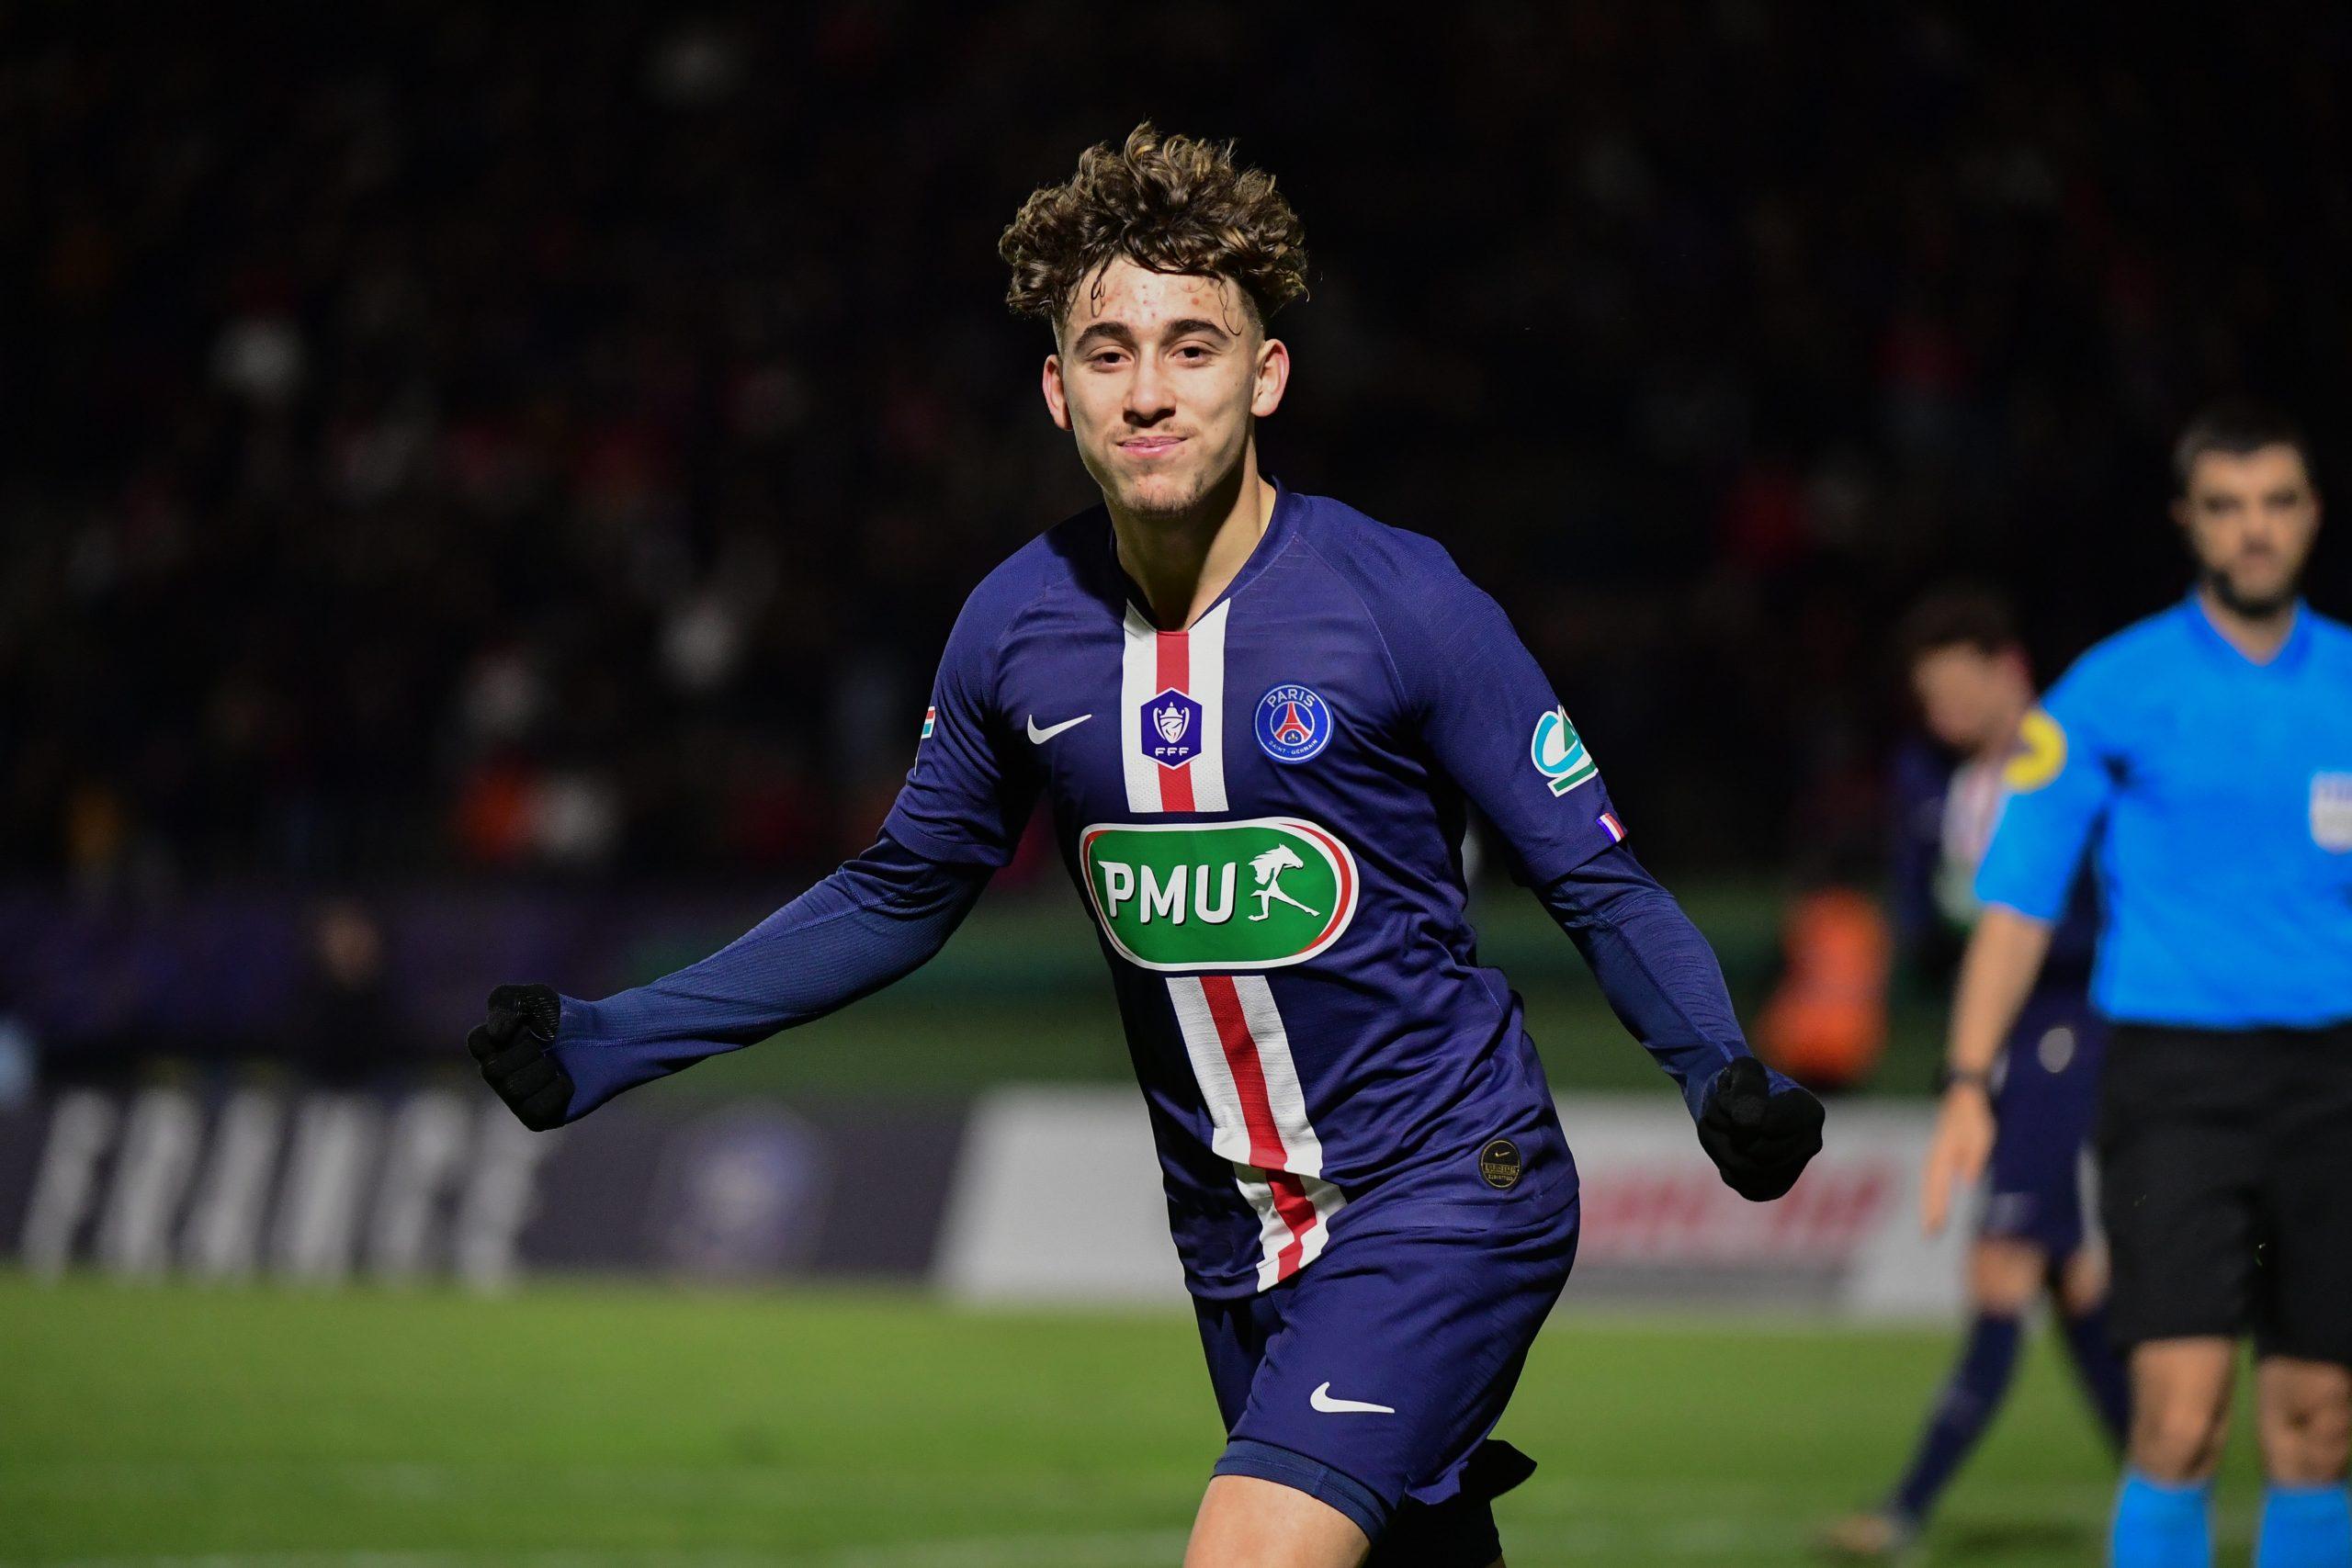 Aouchiche, les supporters du PSG espèrent qu'il va signer son premier contrat professionnel à Paris